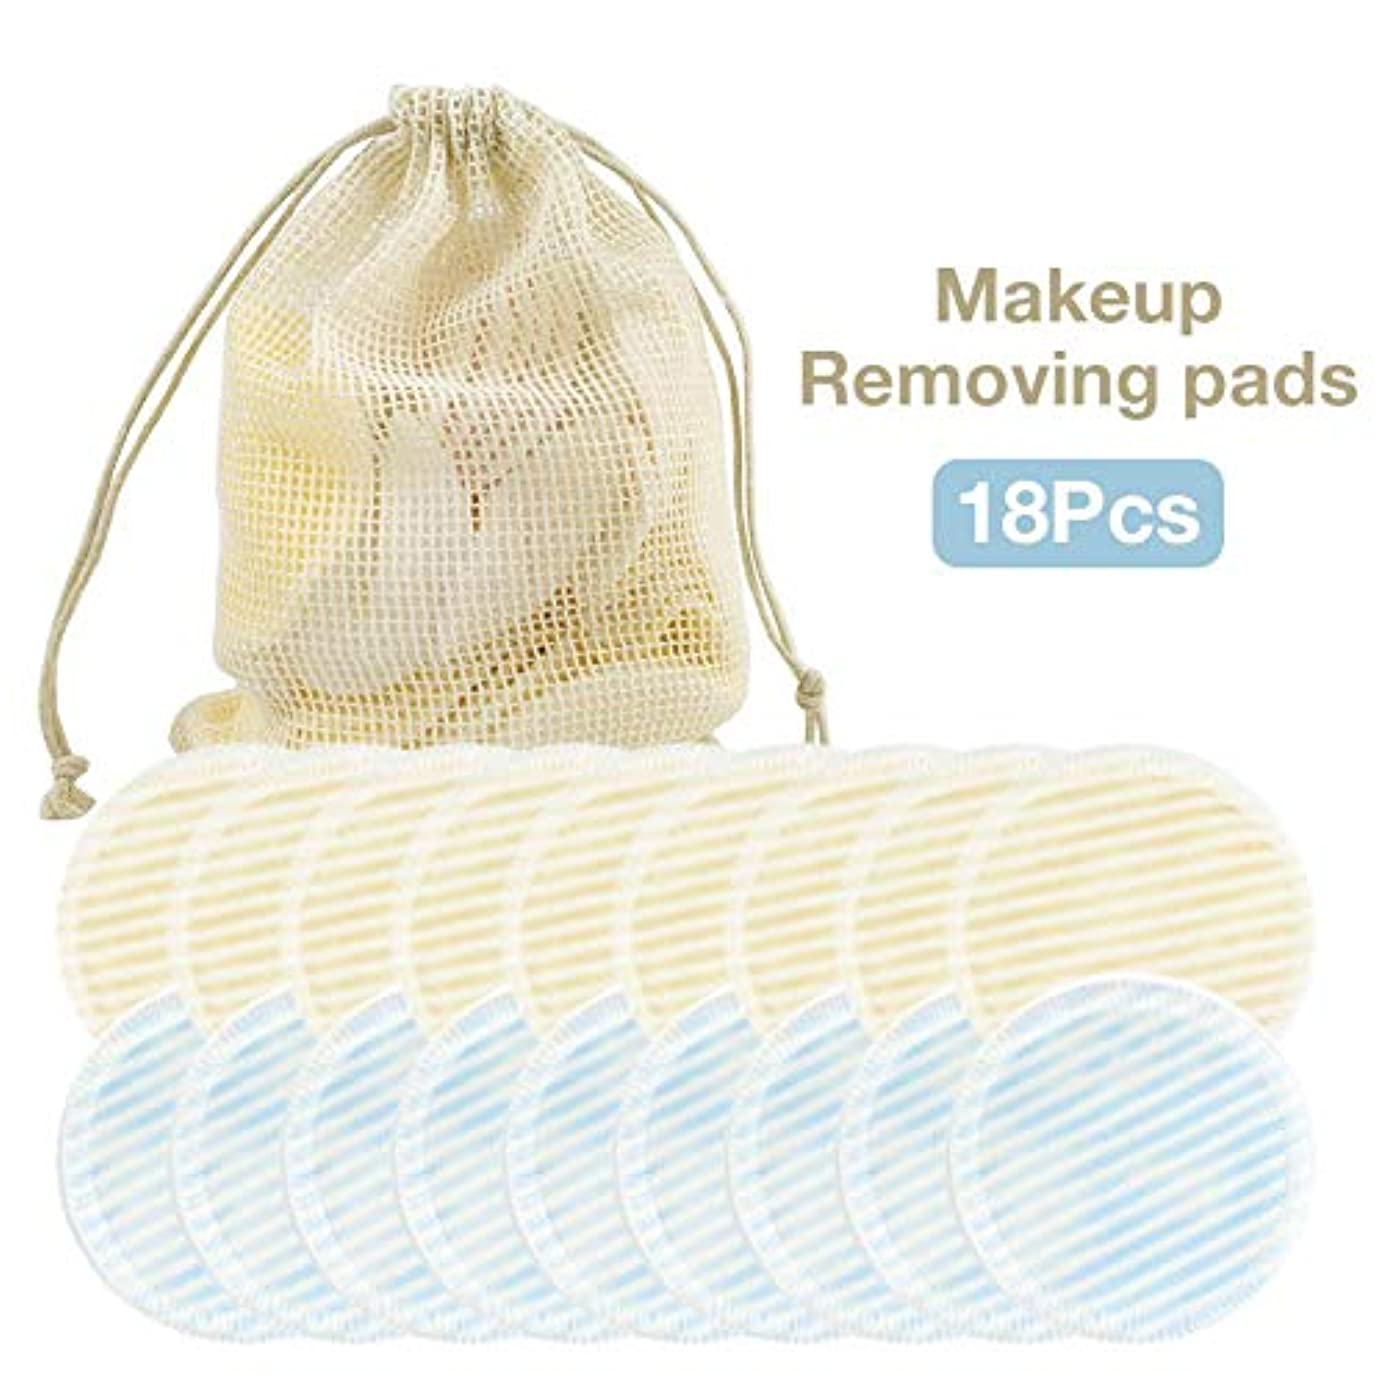 でもダメージ競う化粧パッド 化粧除去コットンパッド 繊維素材 柔らかい 持ち運びが容易 使いやすい バッグ付き 再利用可能 18個パッド